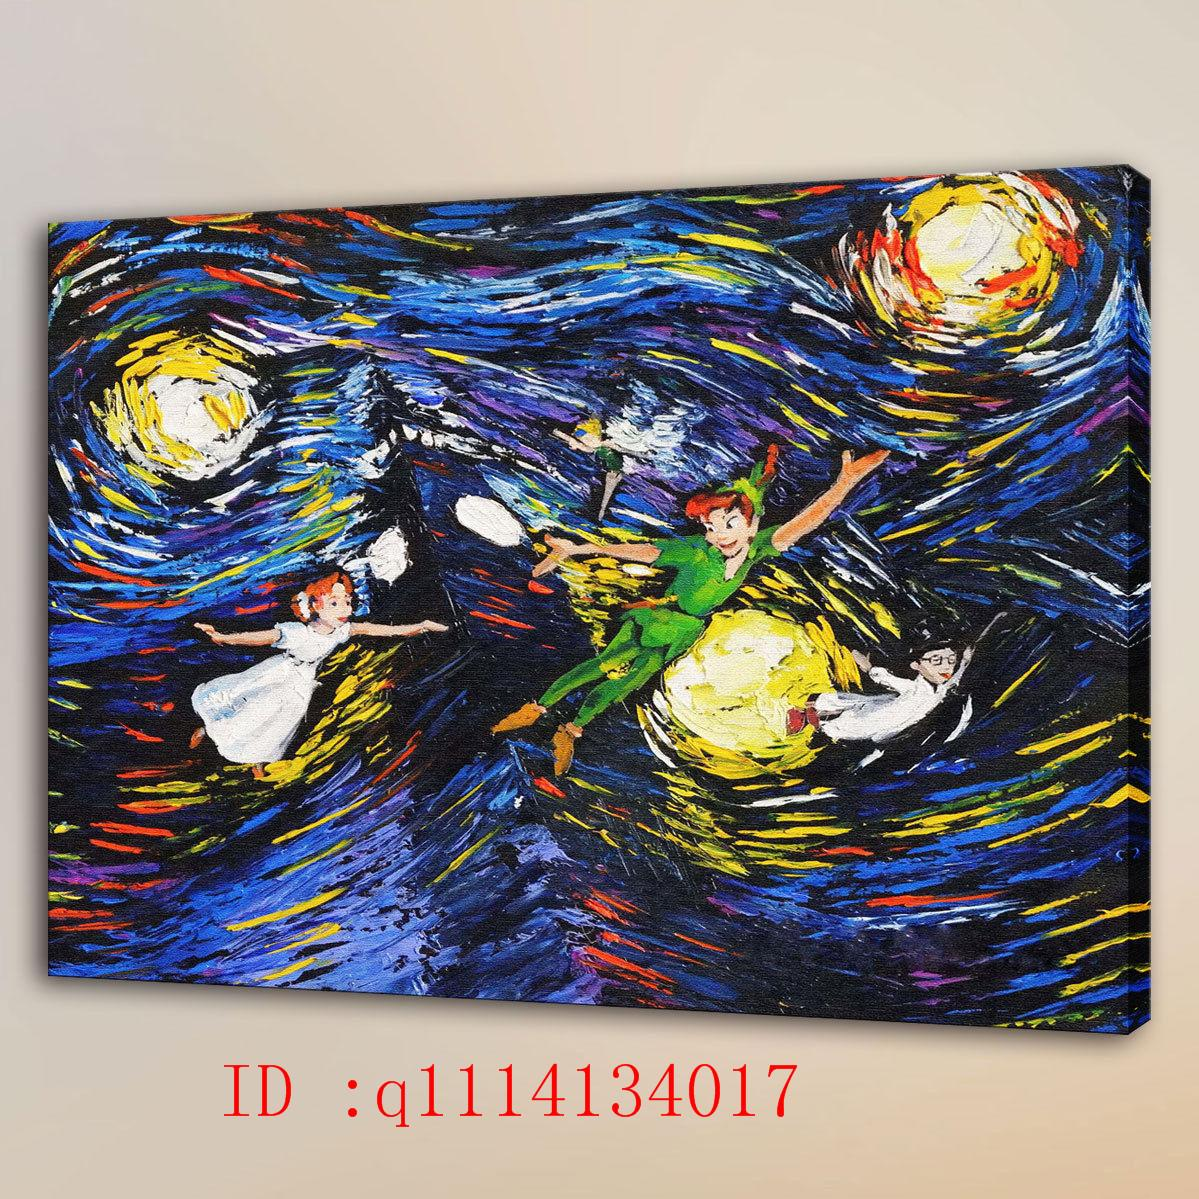 Großhandel Van Gogh 8 Hd Leinwand Wandkunst Ölgemälde Home Decor ...